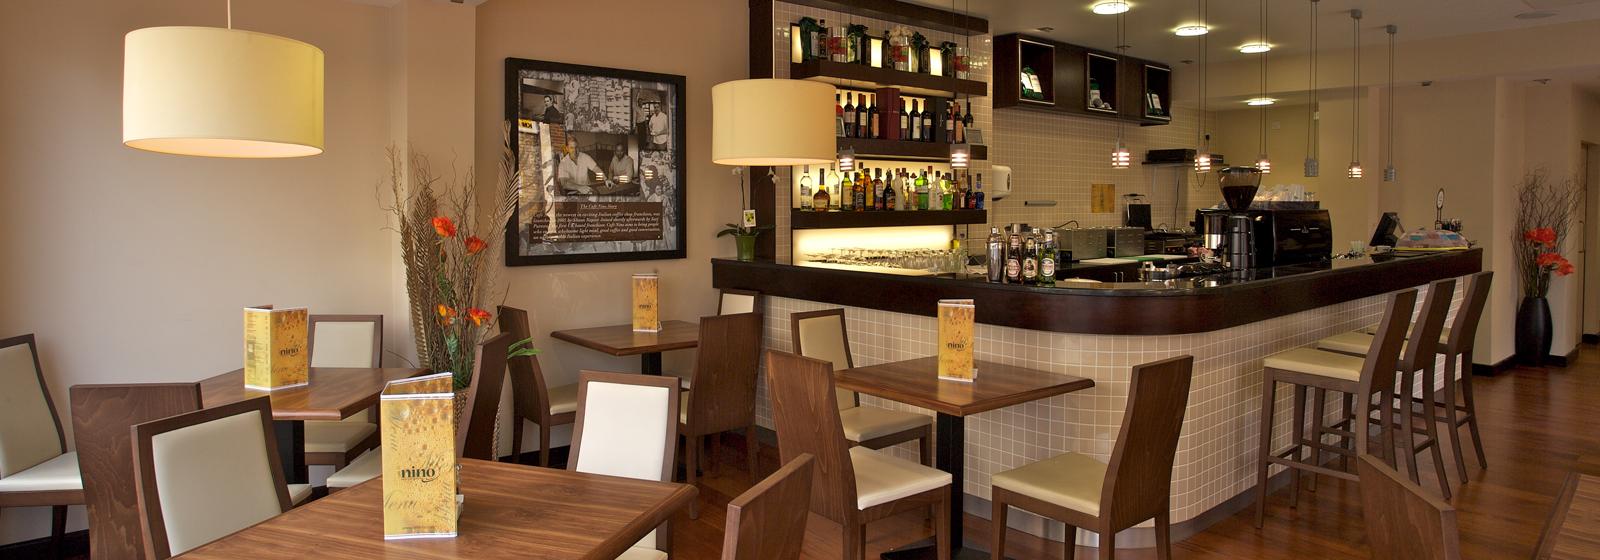 Cafe Nino